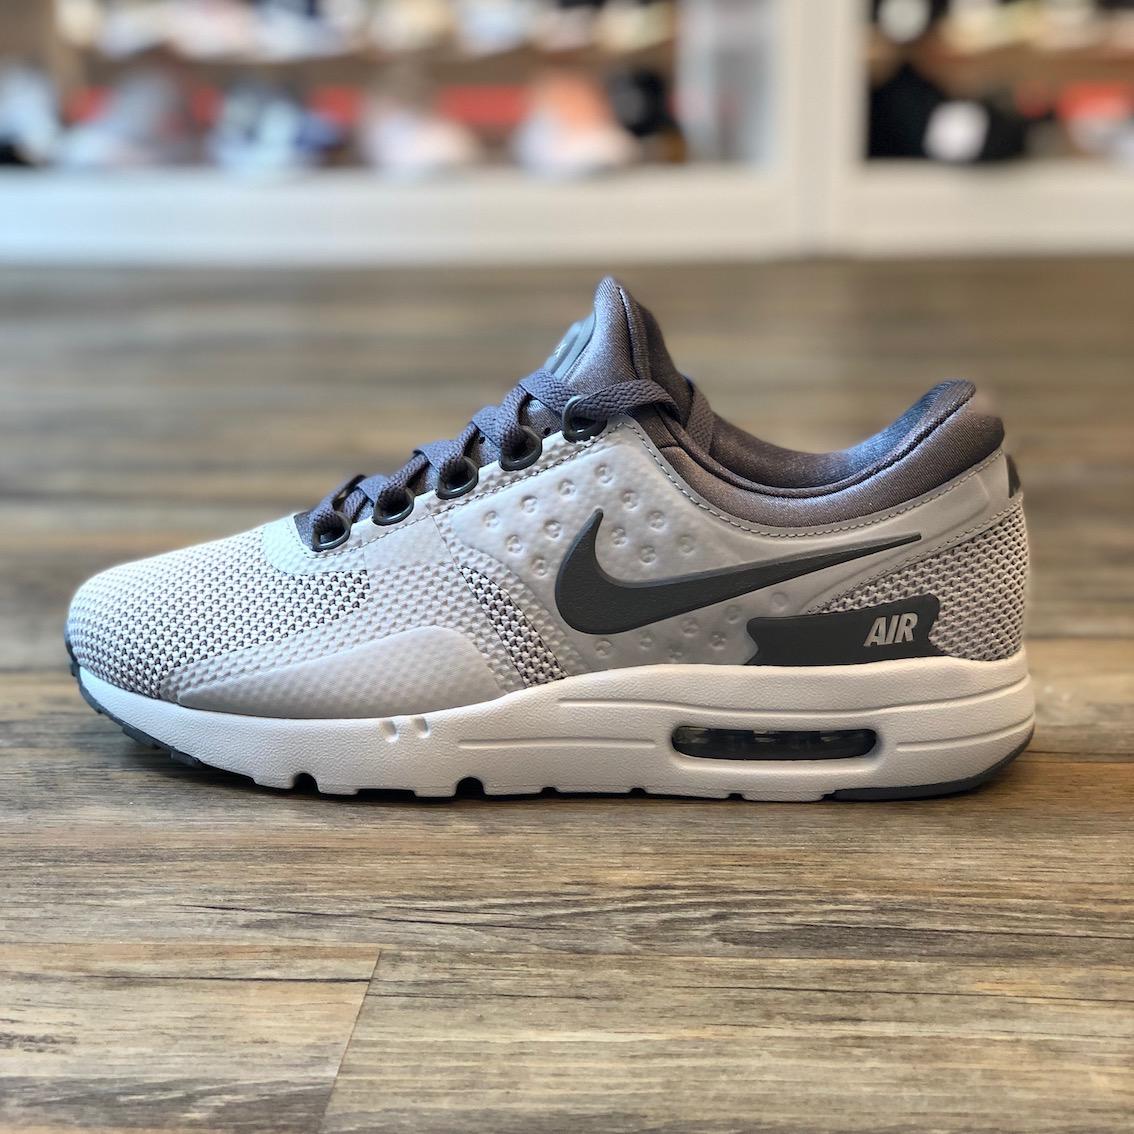 Détails sur Nike Air Max Zero taille 41 Running Sneaker Chaussures Gris 270 90 876070 012 afficher le titre d'origine